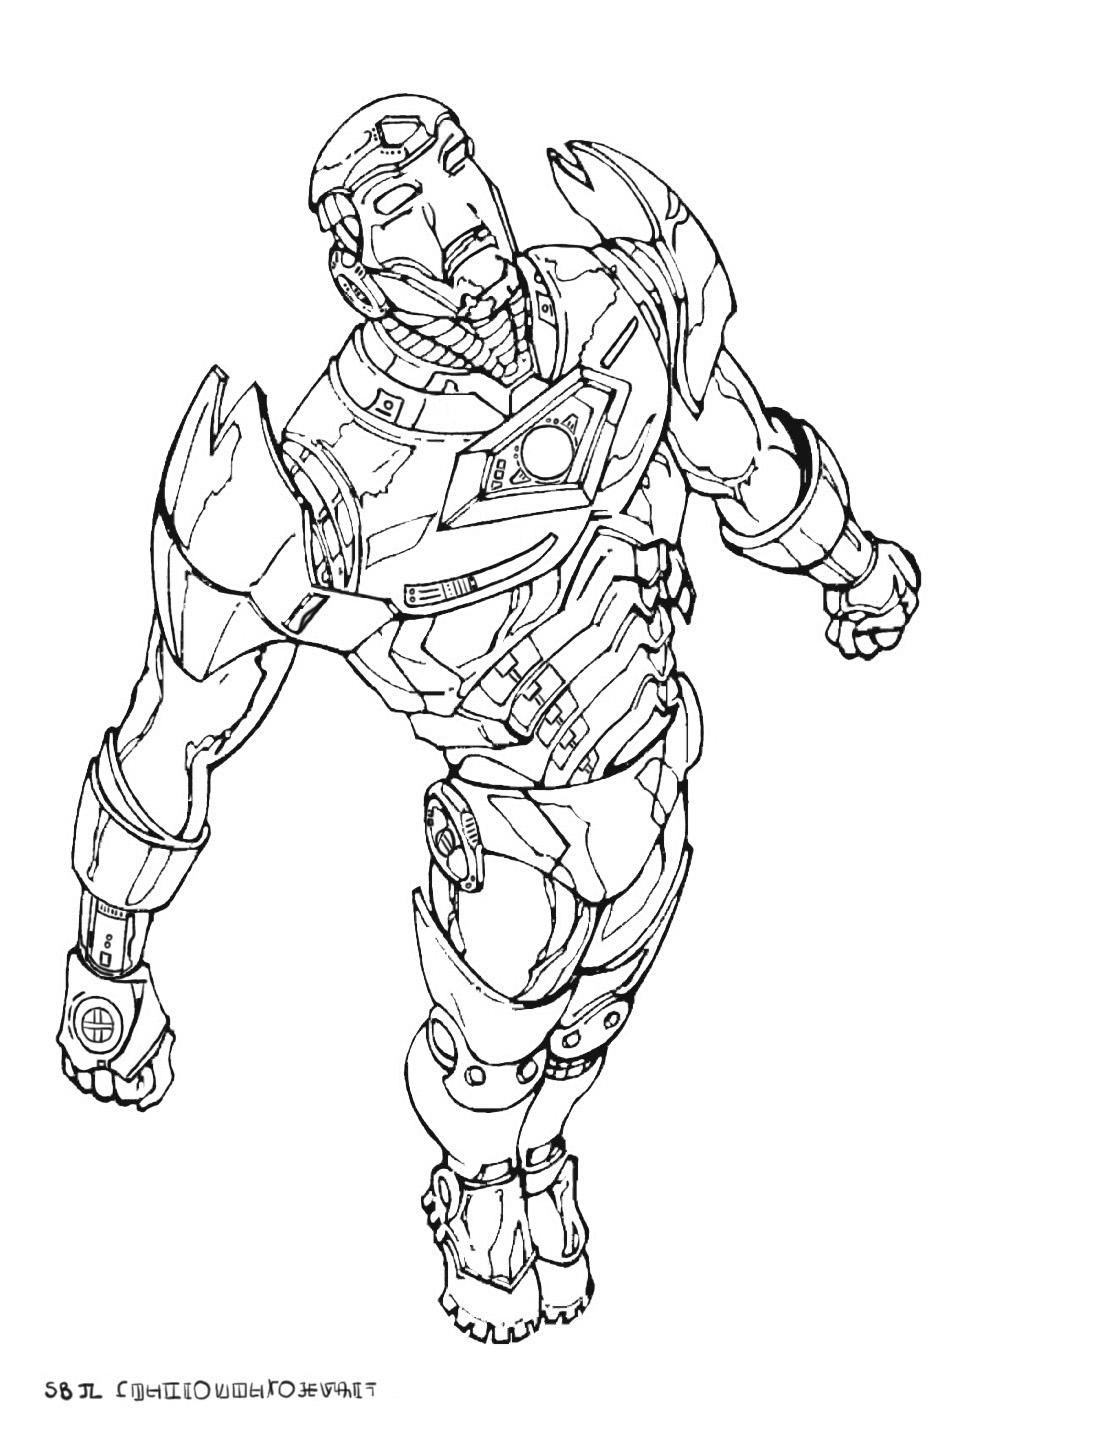 Dessin Avengers Iron Man à Coloriage Avengers A Imprimer